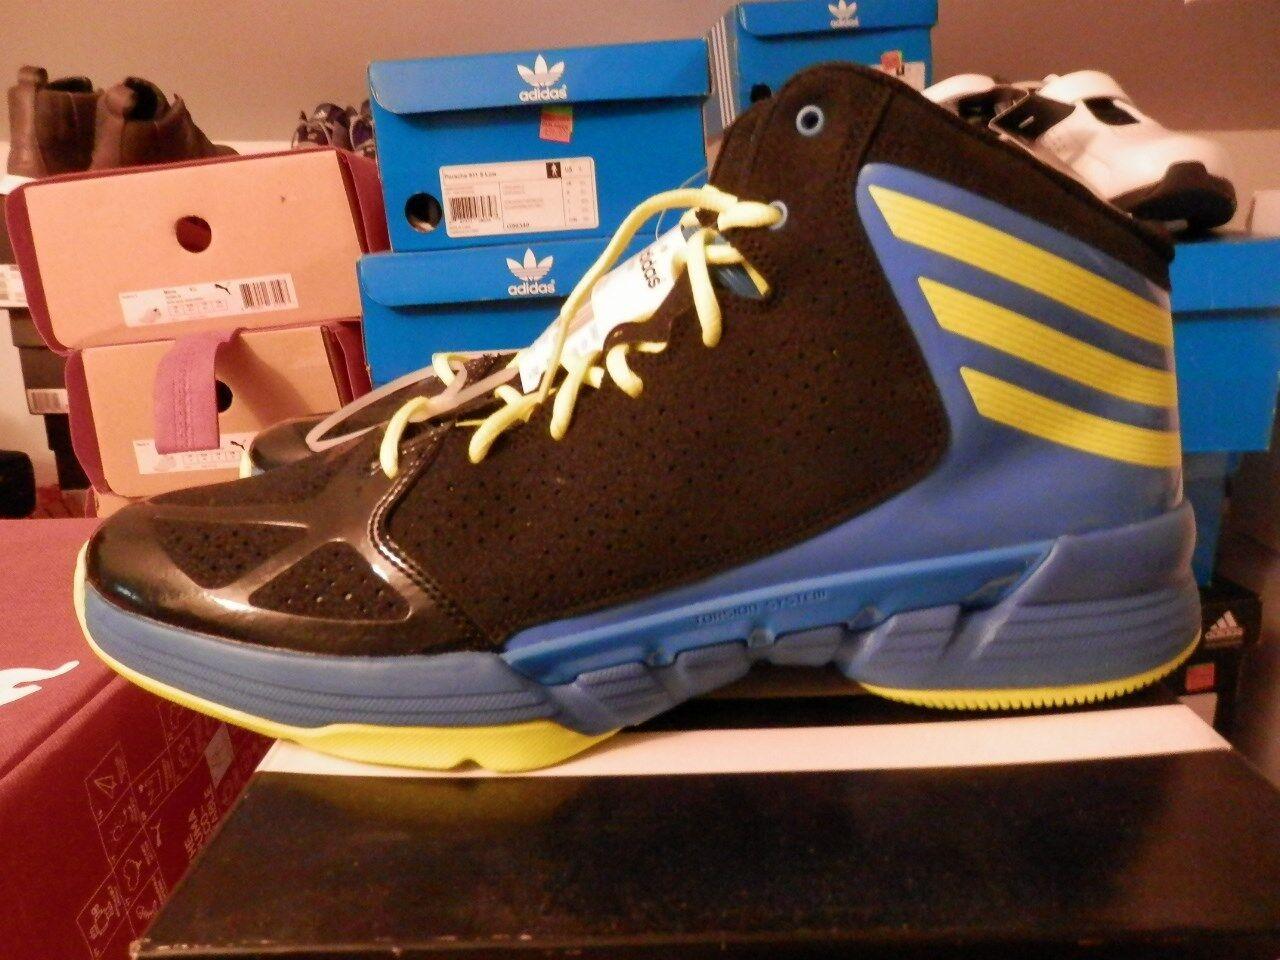 Nuova Nuova Nuova mens adidas arrabbiato gestire atletico 13 m scarpe stile   g99087 calo dei prezzi. | Per La Vostra Selezione  | Maschio/Ragazze Scarpa  78ef5f